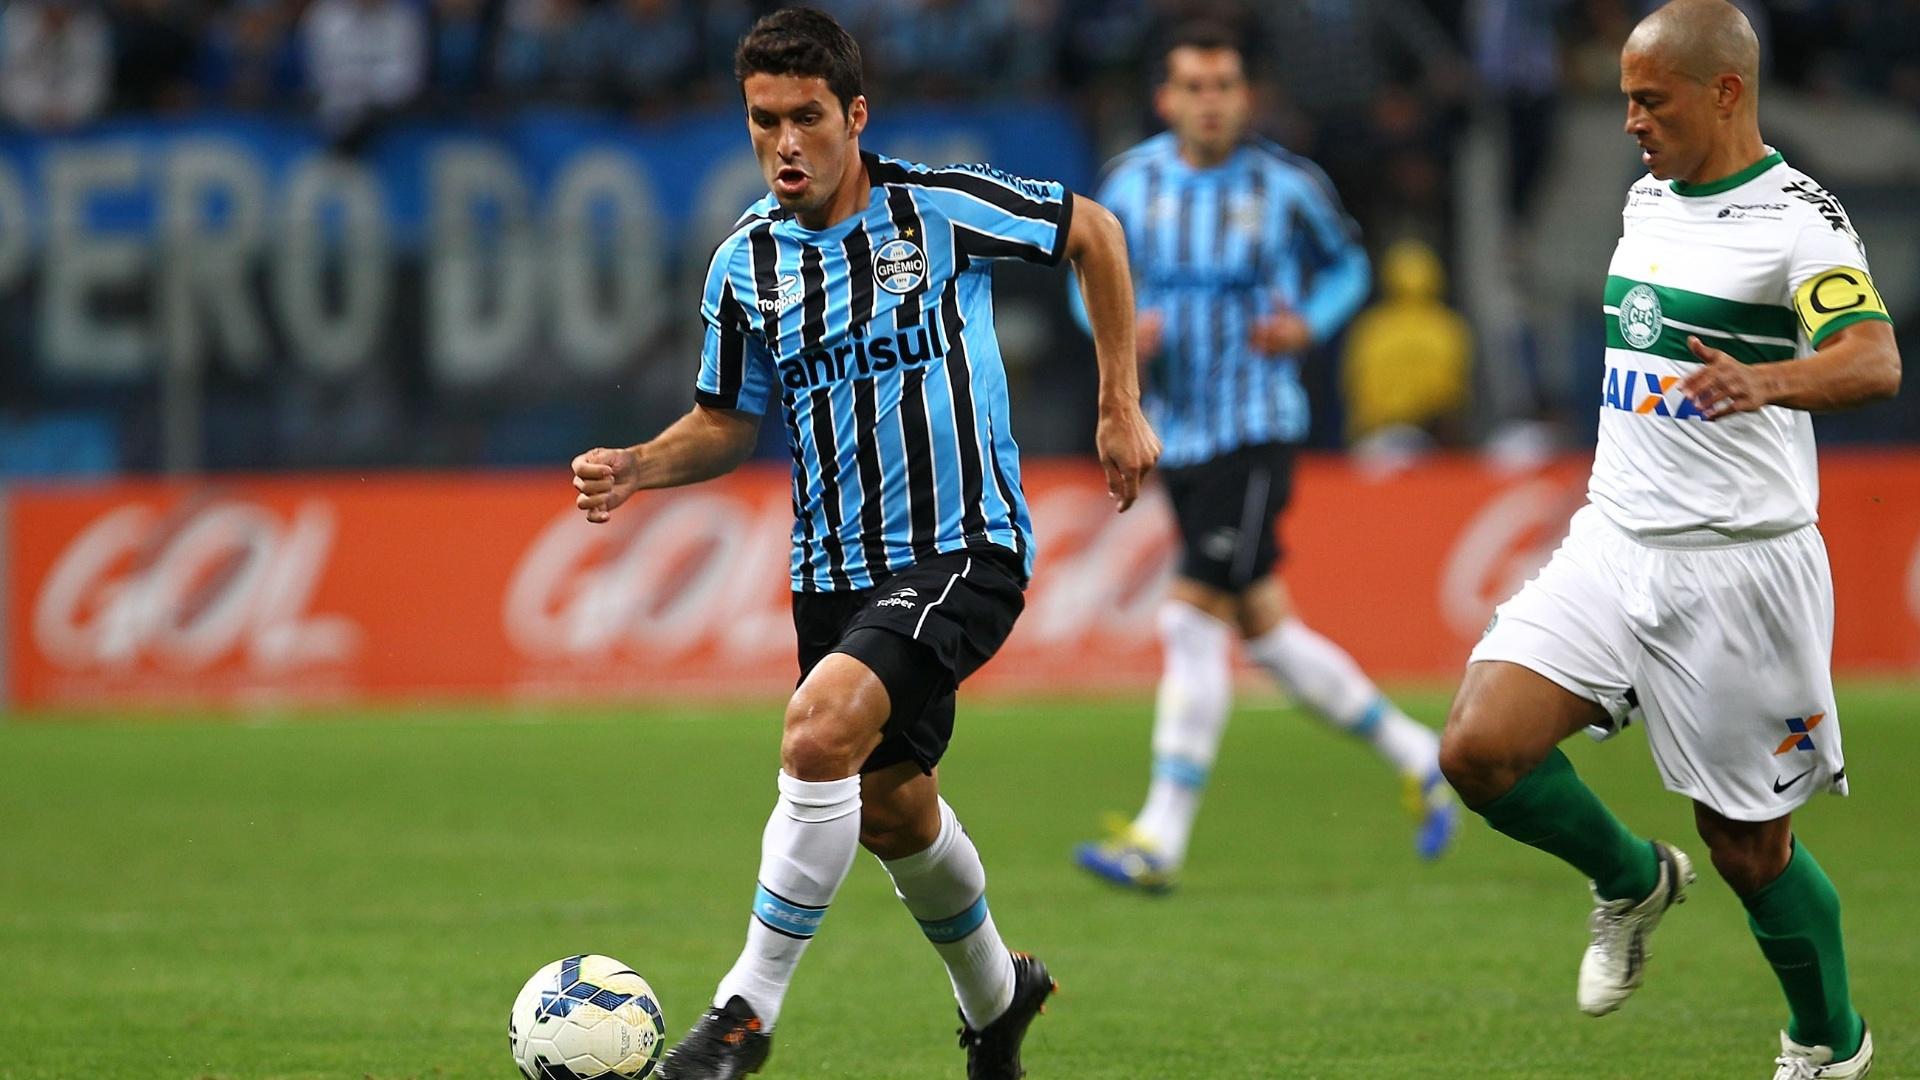 Capitão do Coritiba, o meia Alex acompanha o adversário no jogo contra o Grêmio - 27 julho 2014